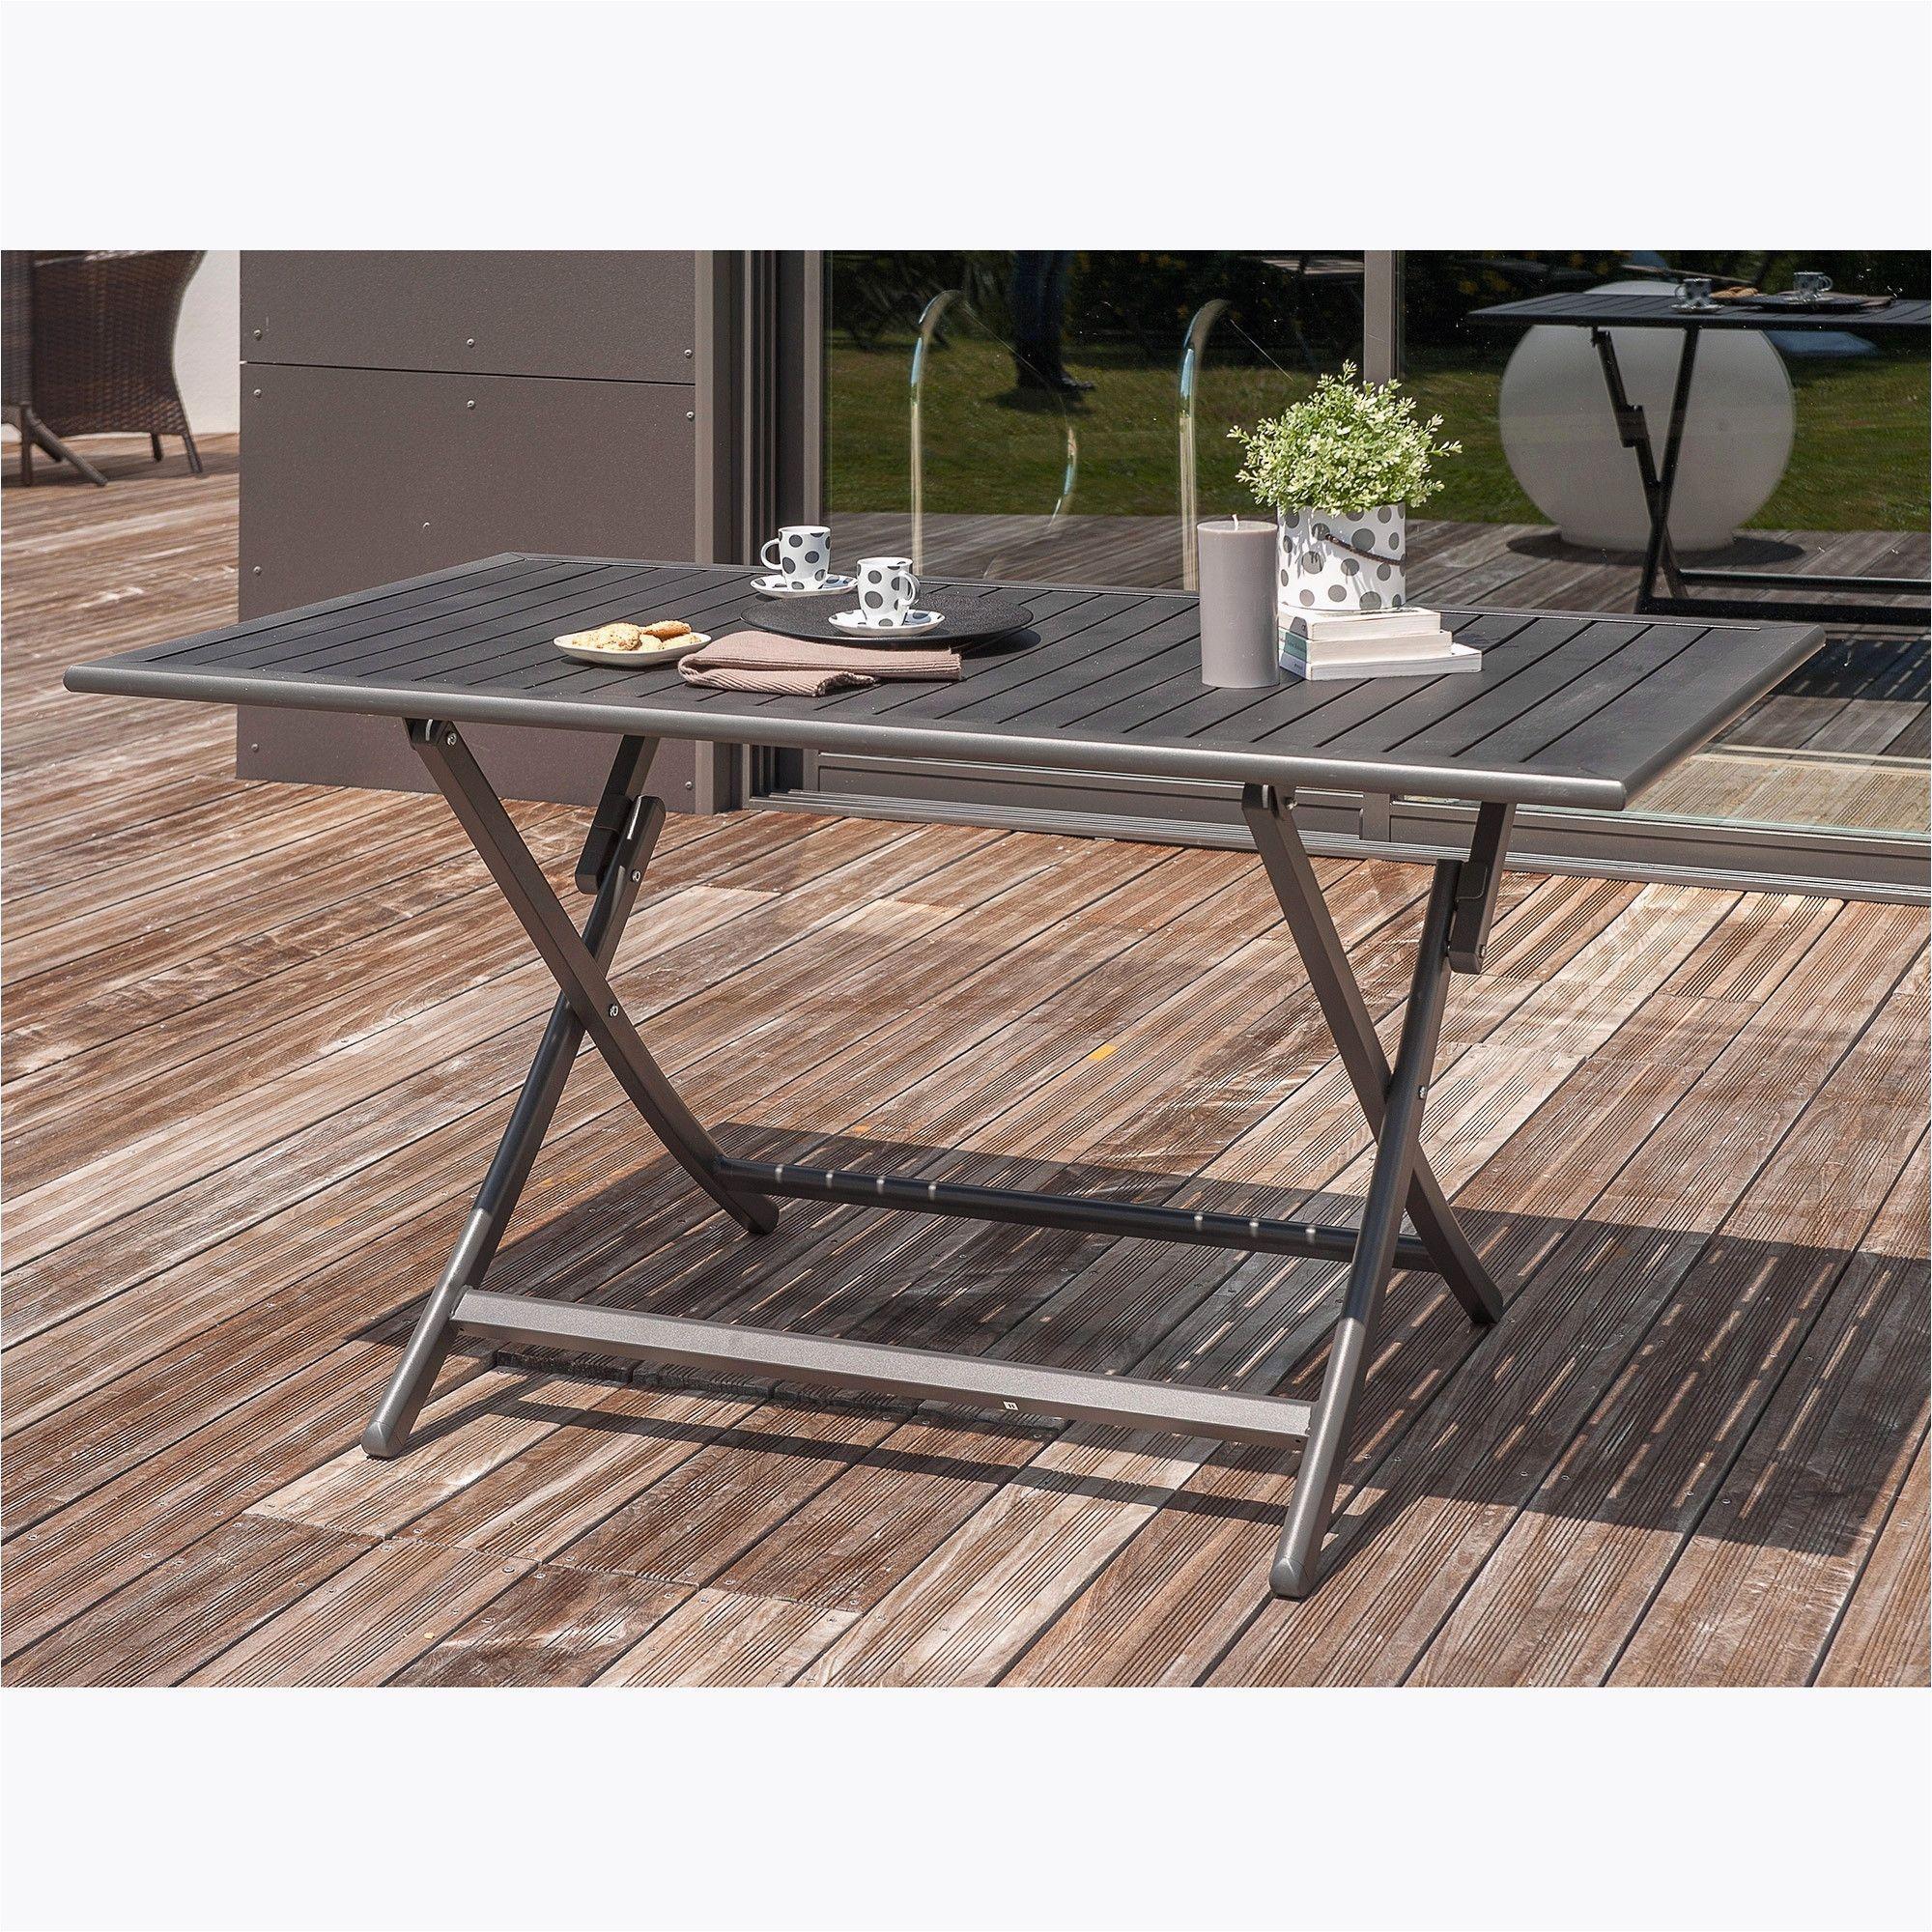 Table De Jardin En Bois Pliante Beau Table Pliante Leclerc Beau S Leclerc Table De Jardin